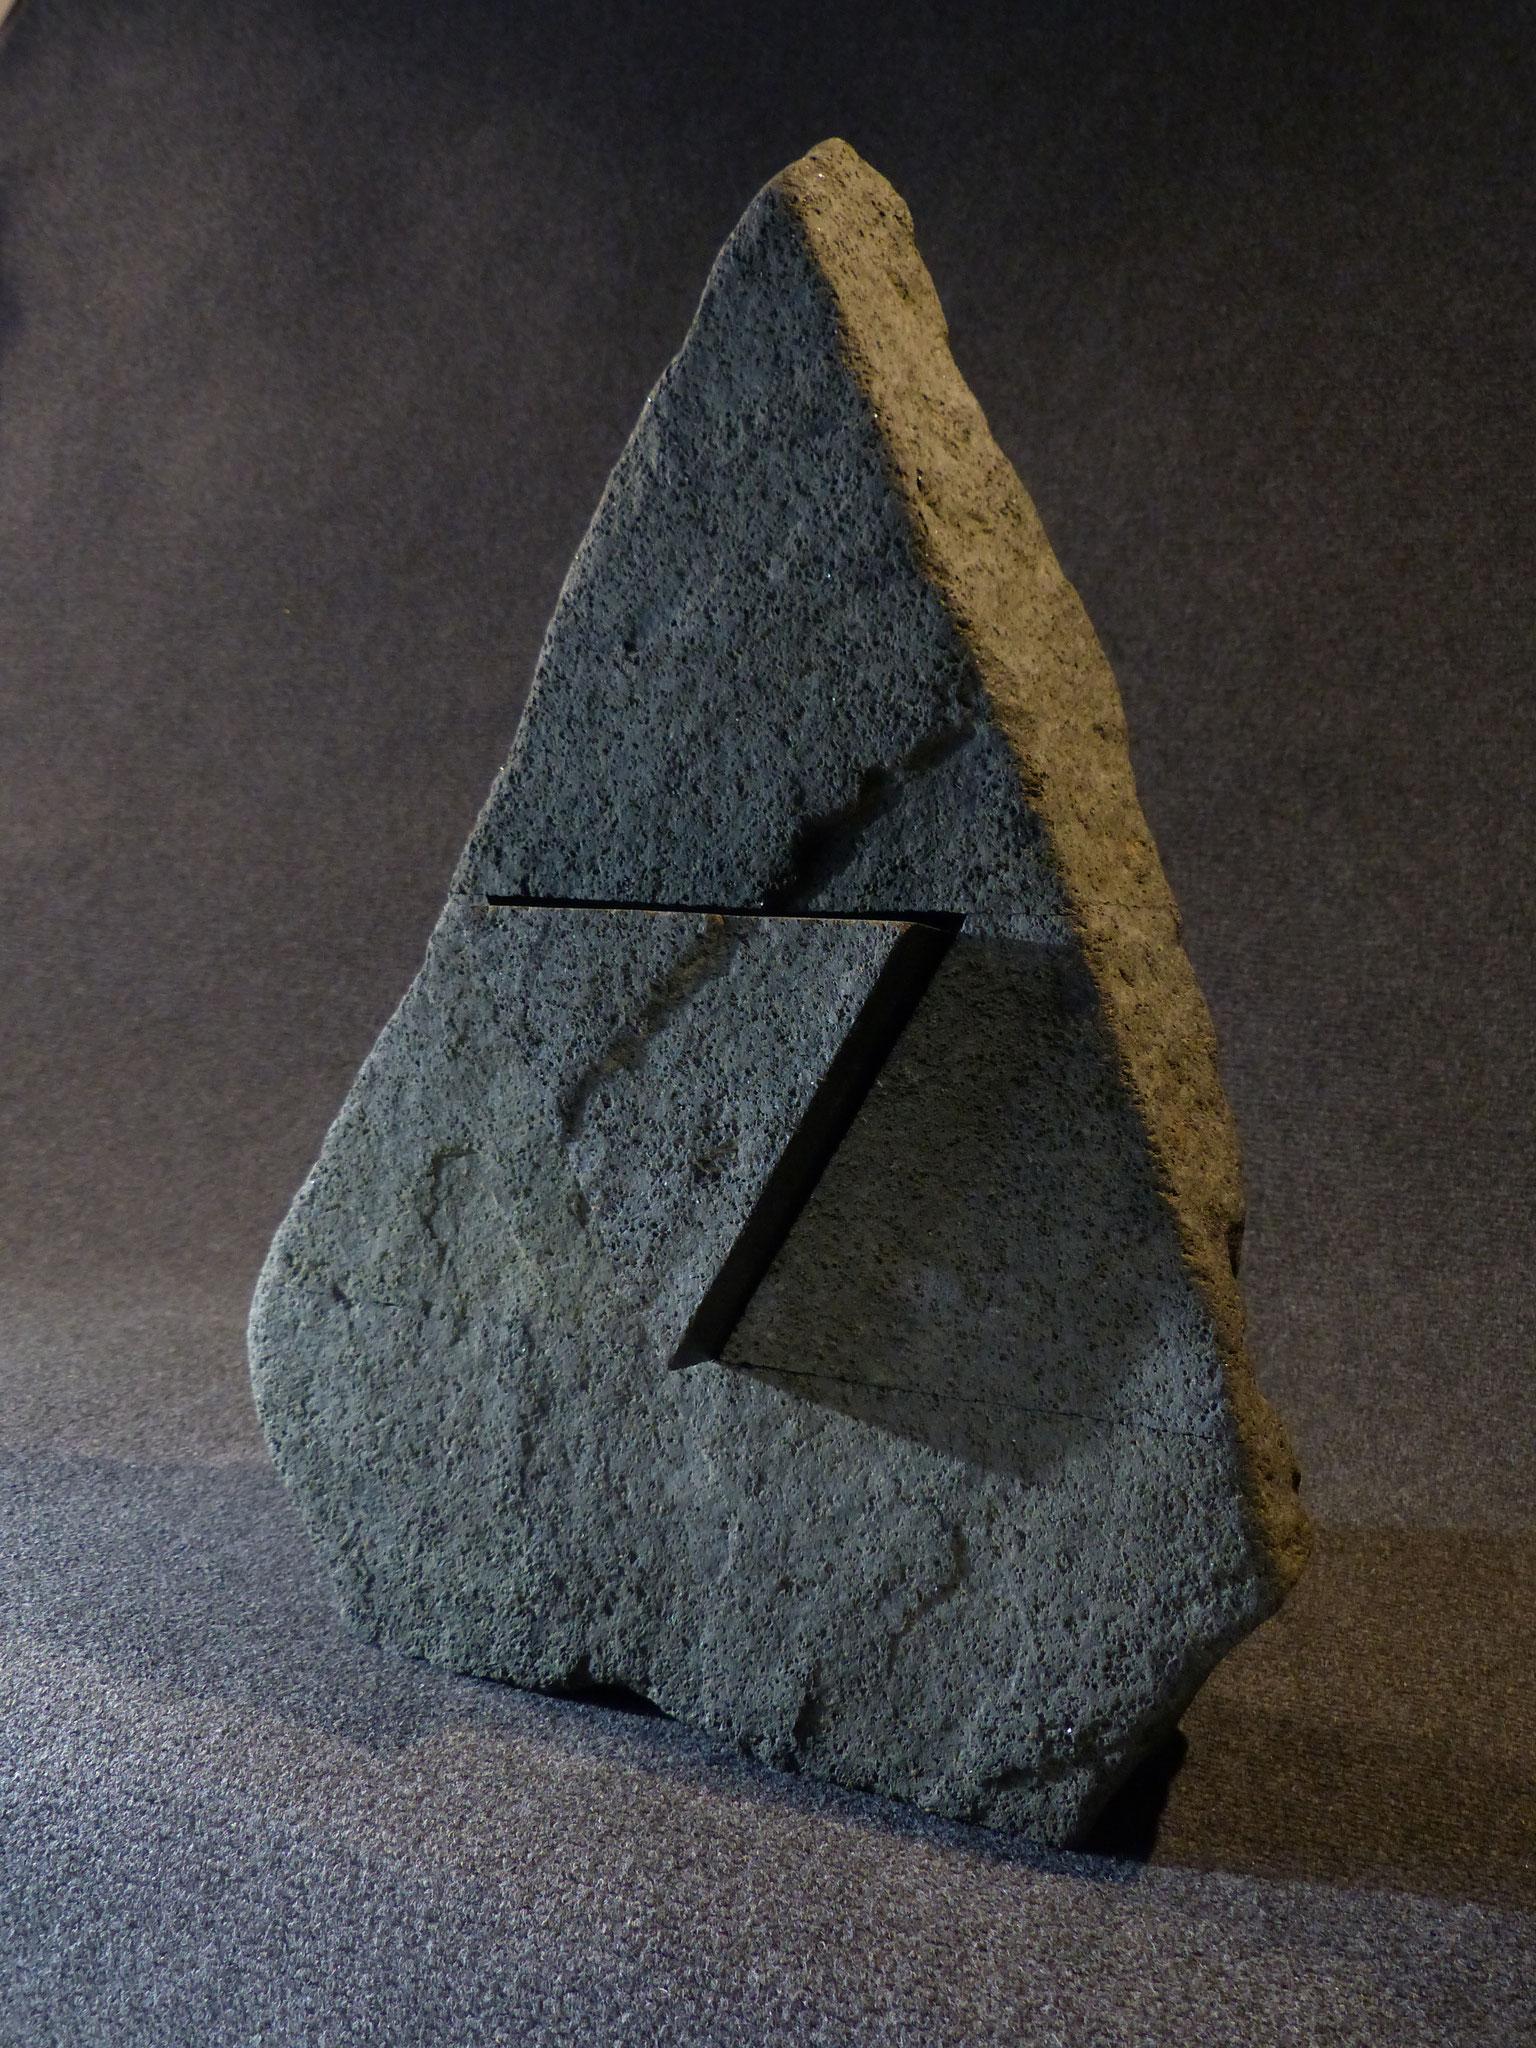 Erratique, le départ - diorite - 50x36x12 cm